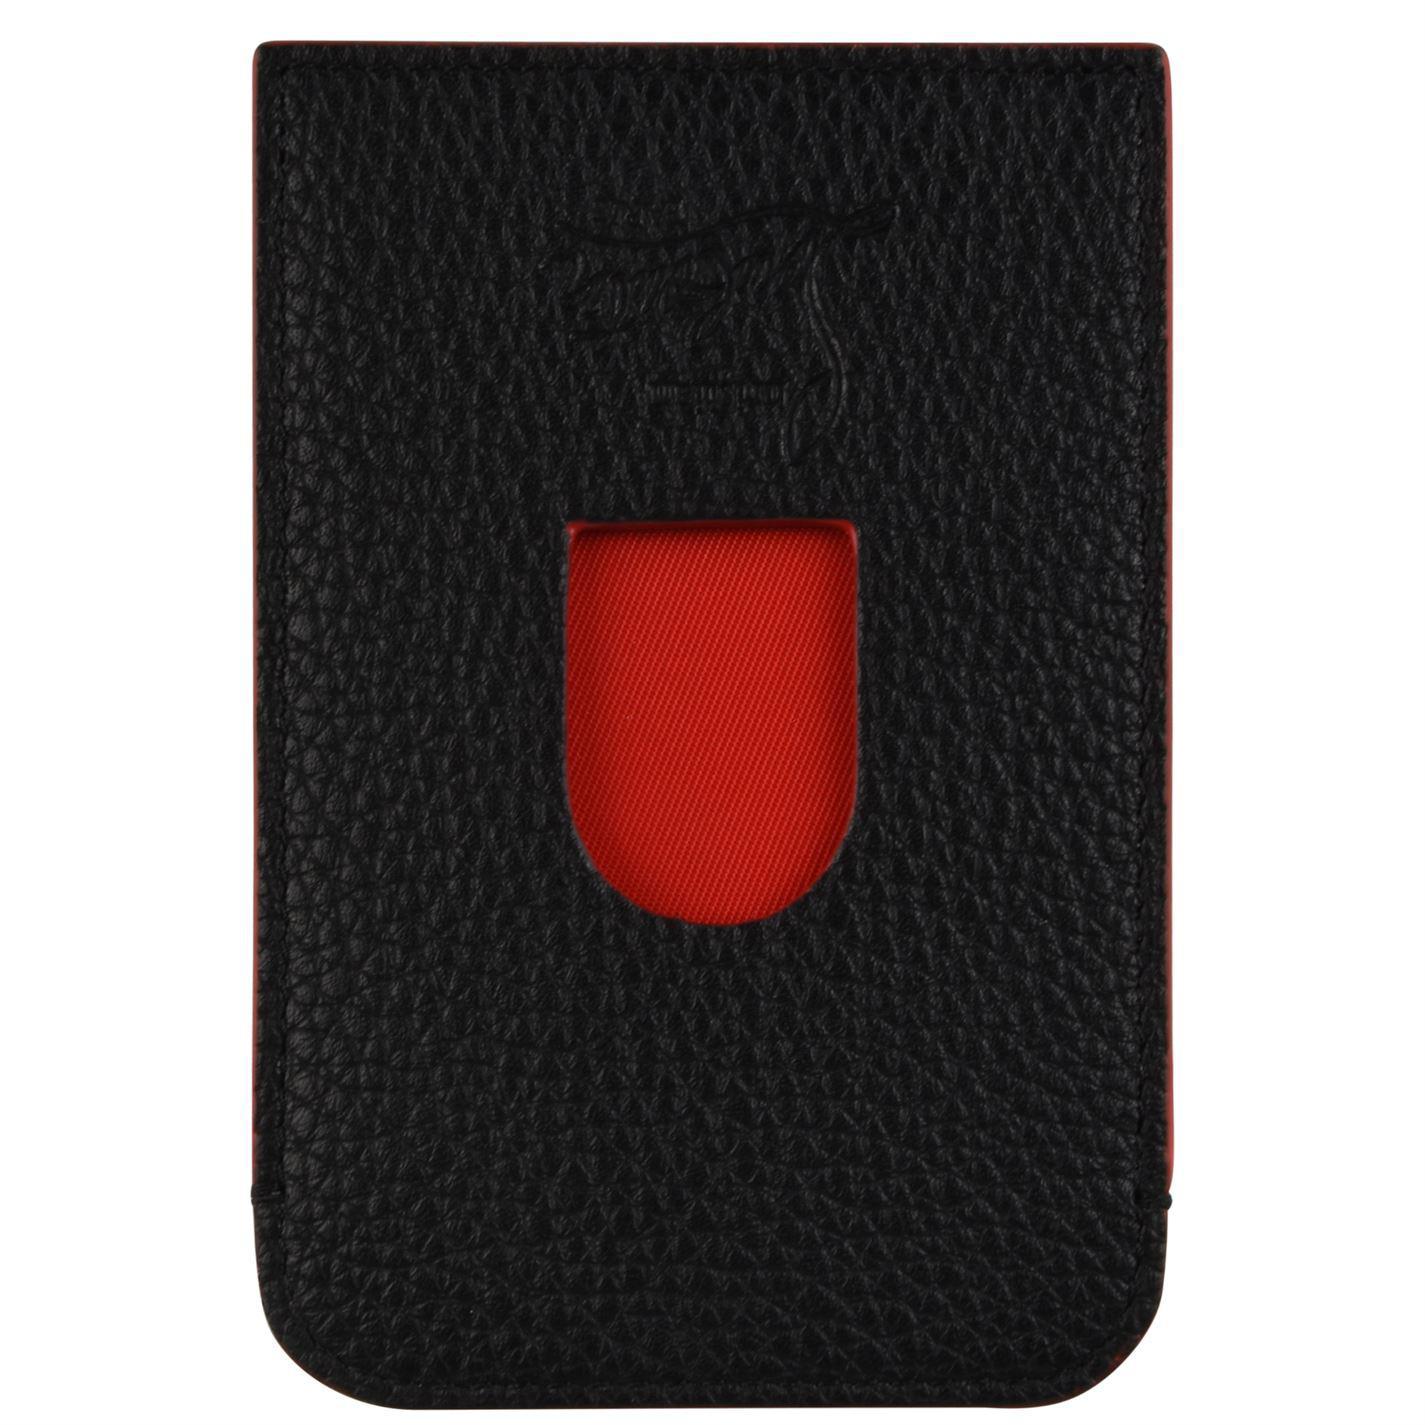 54f2b942217 Lyst - Christian Louboutin Loubi Card Holder in Black for Men